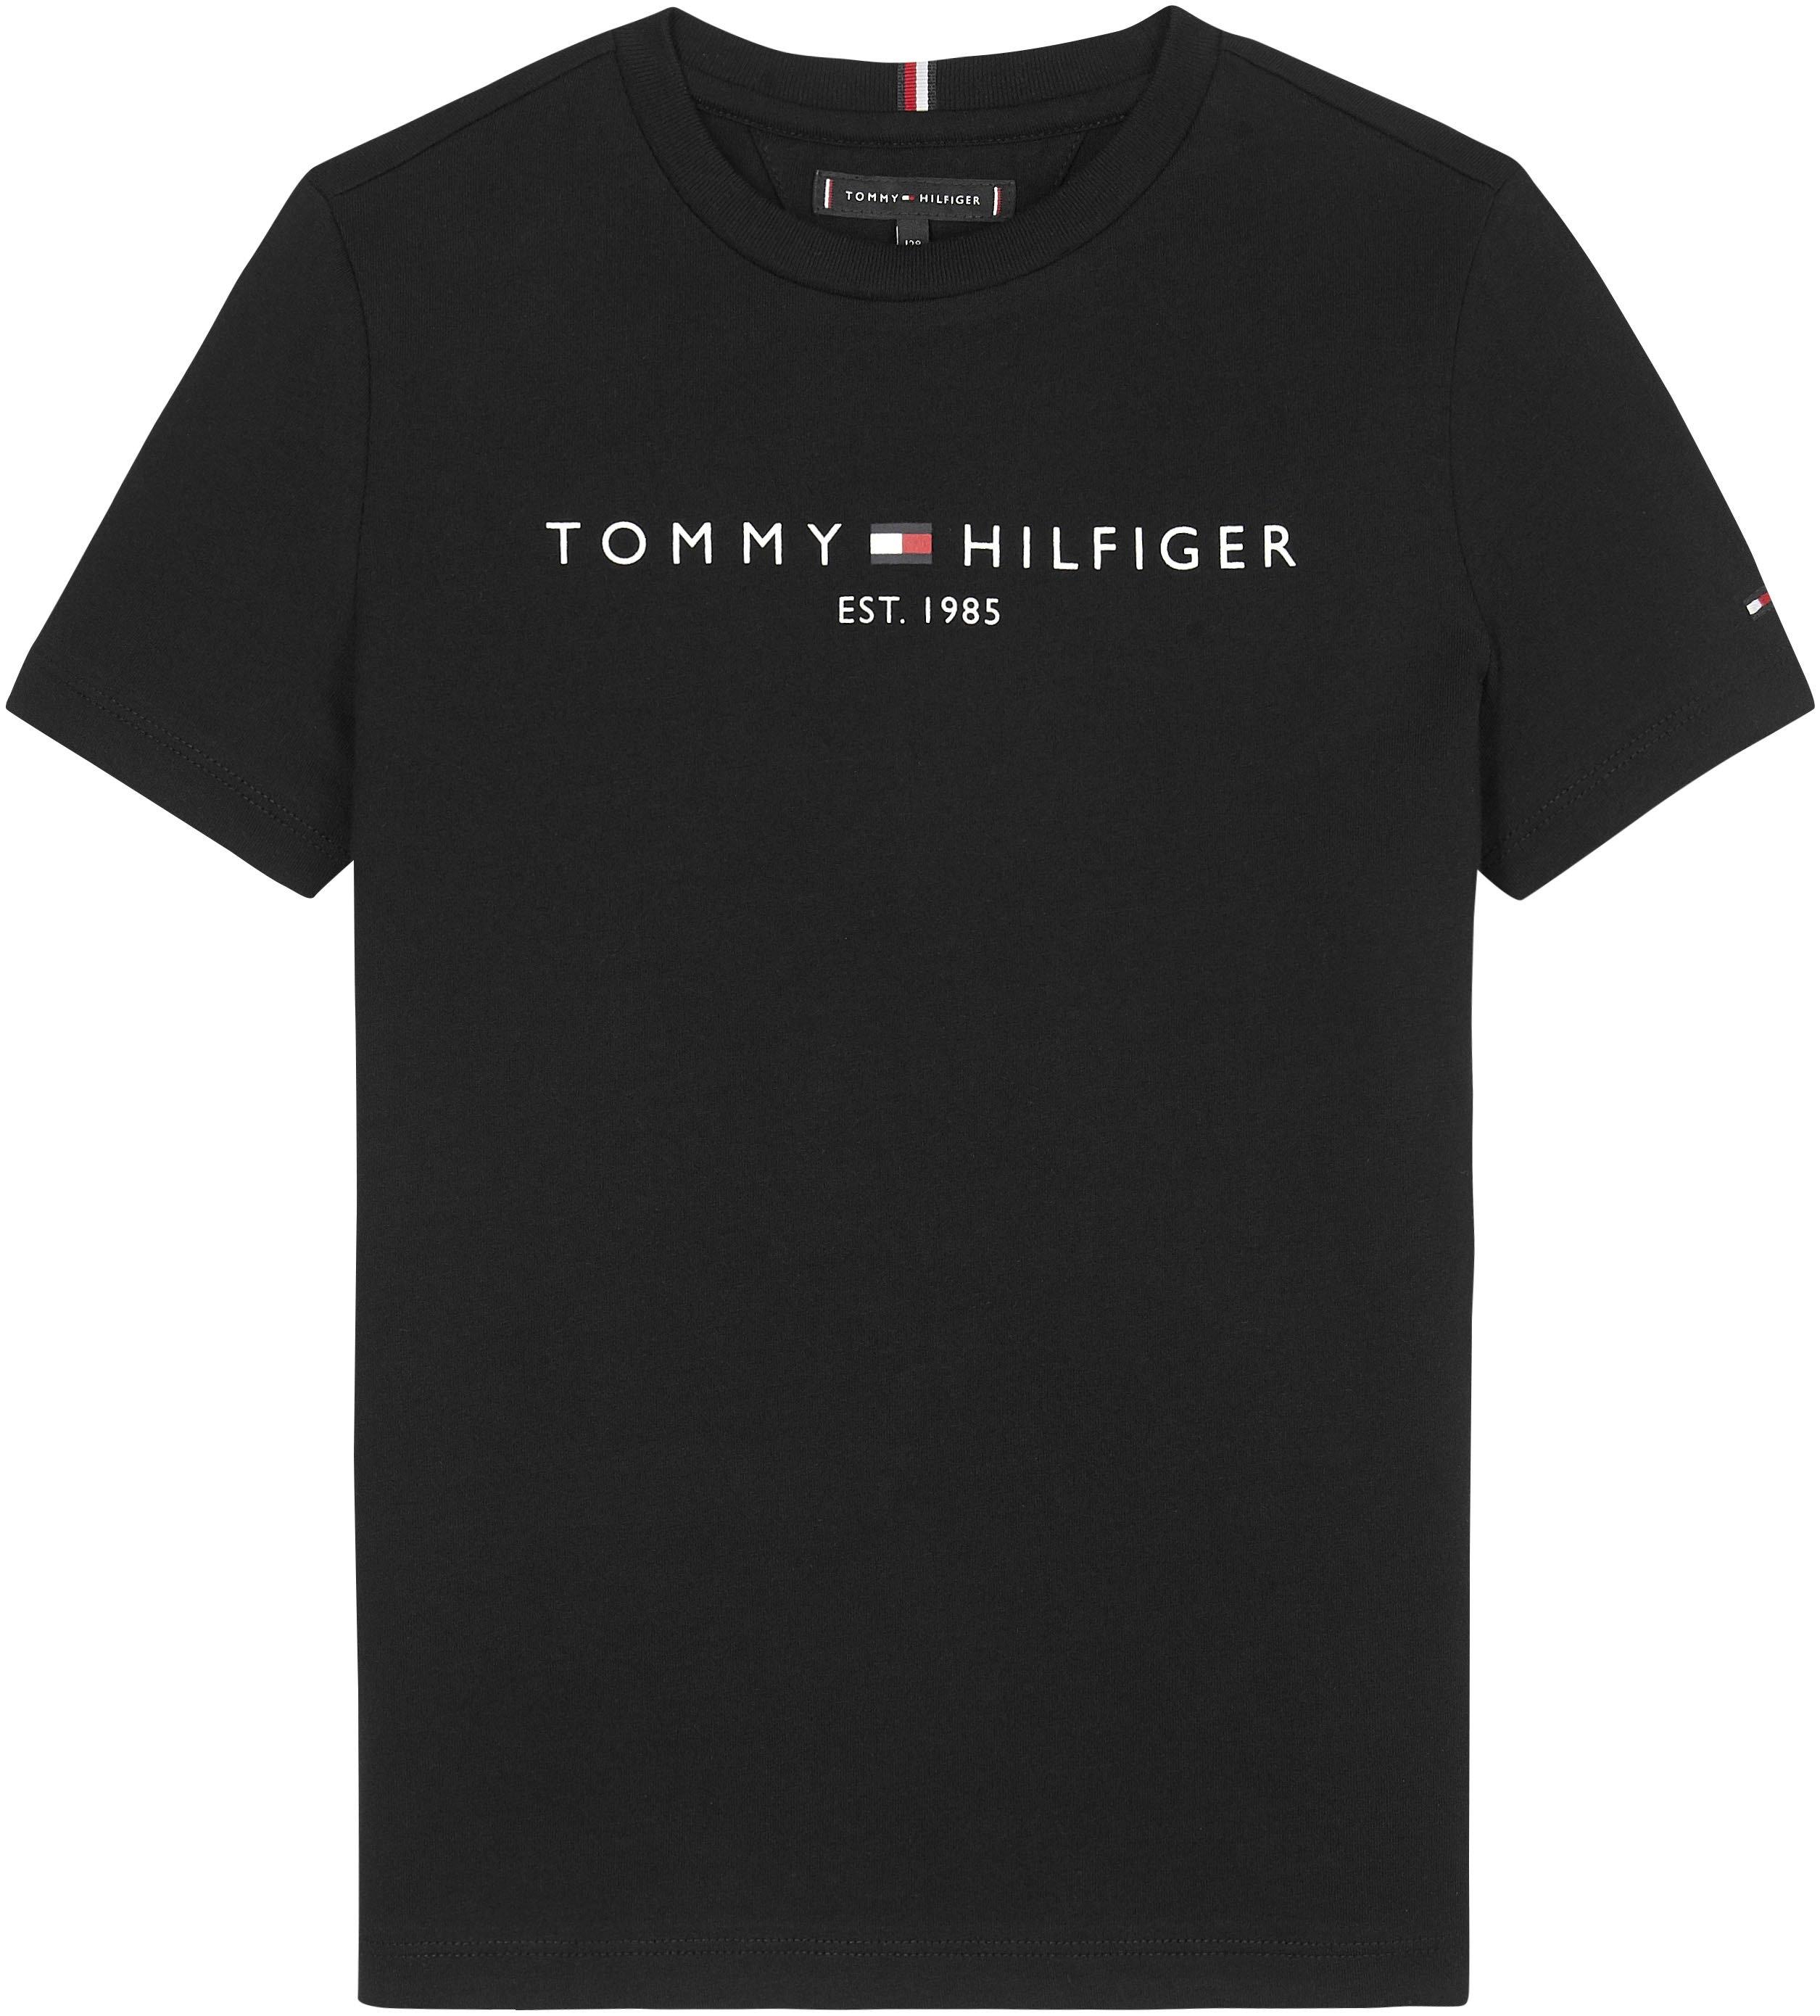 Tommy Hilfiger T-shirt nu online bestellen